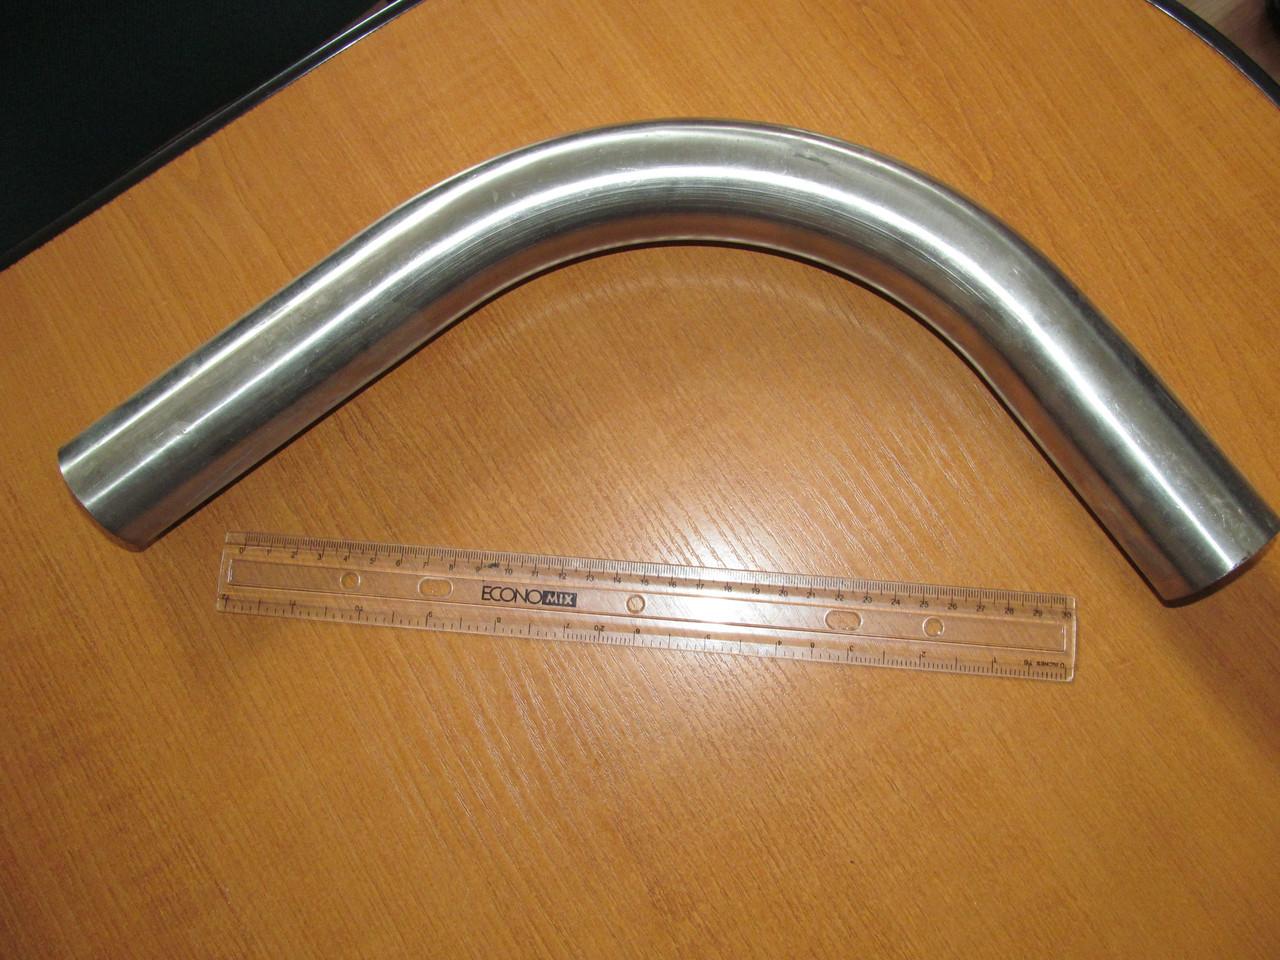 Уголок н/ж 90* AISI 304 DIN 1 (45х1.5) для молокопровода